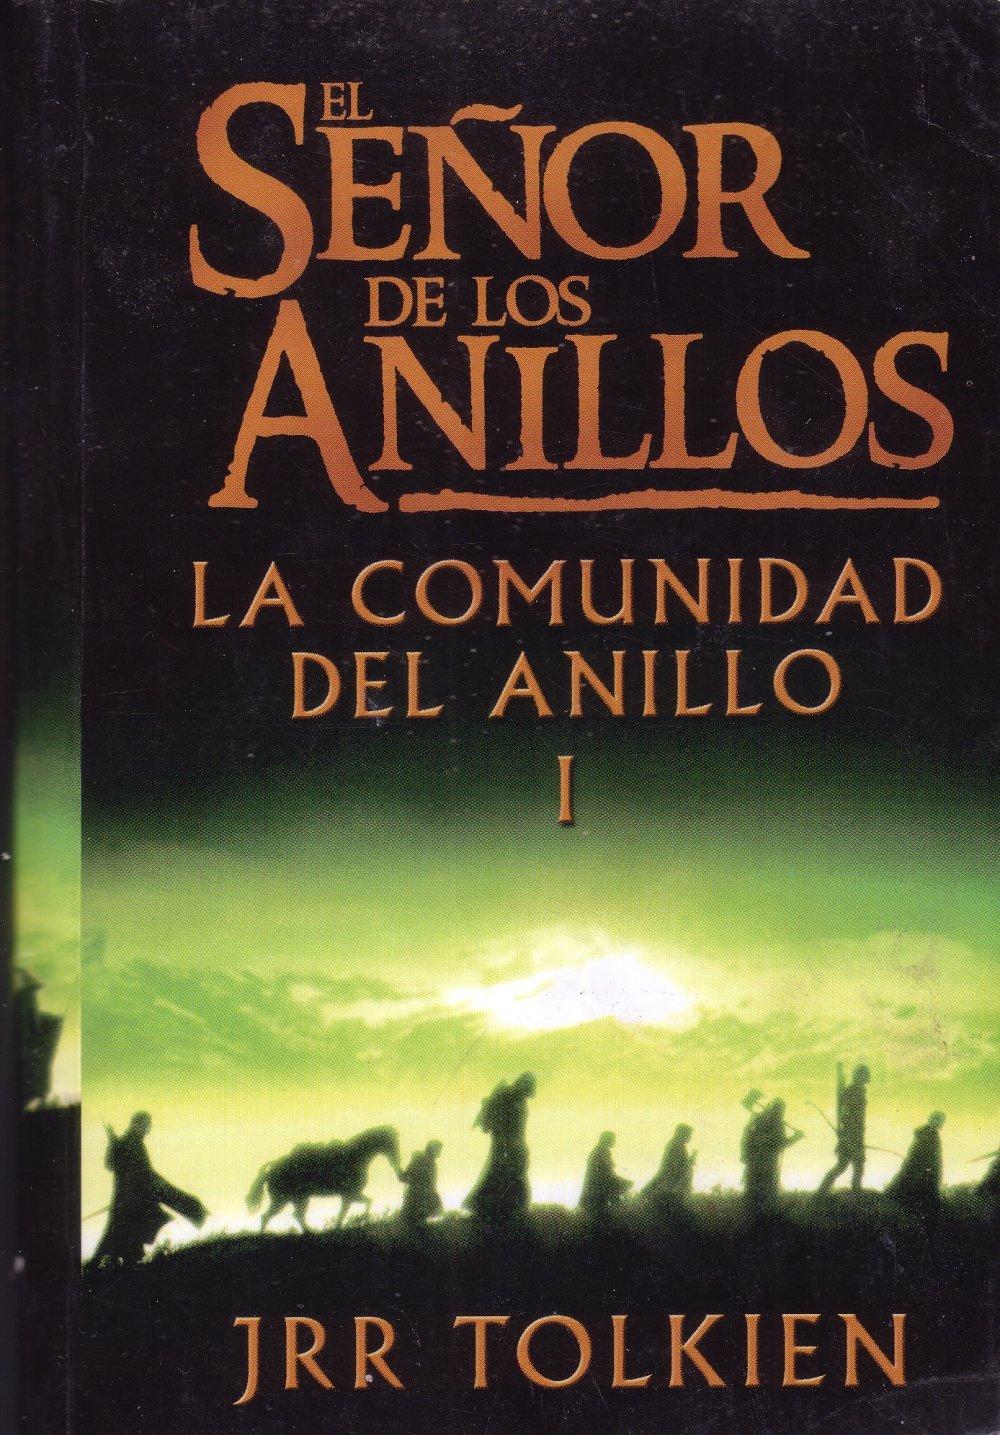 El Senor De Los Anillos: La Comunidad Del Anillo I: Amazon.es ...